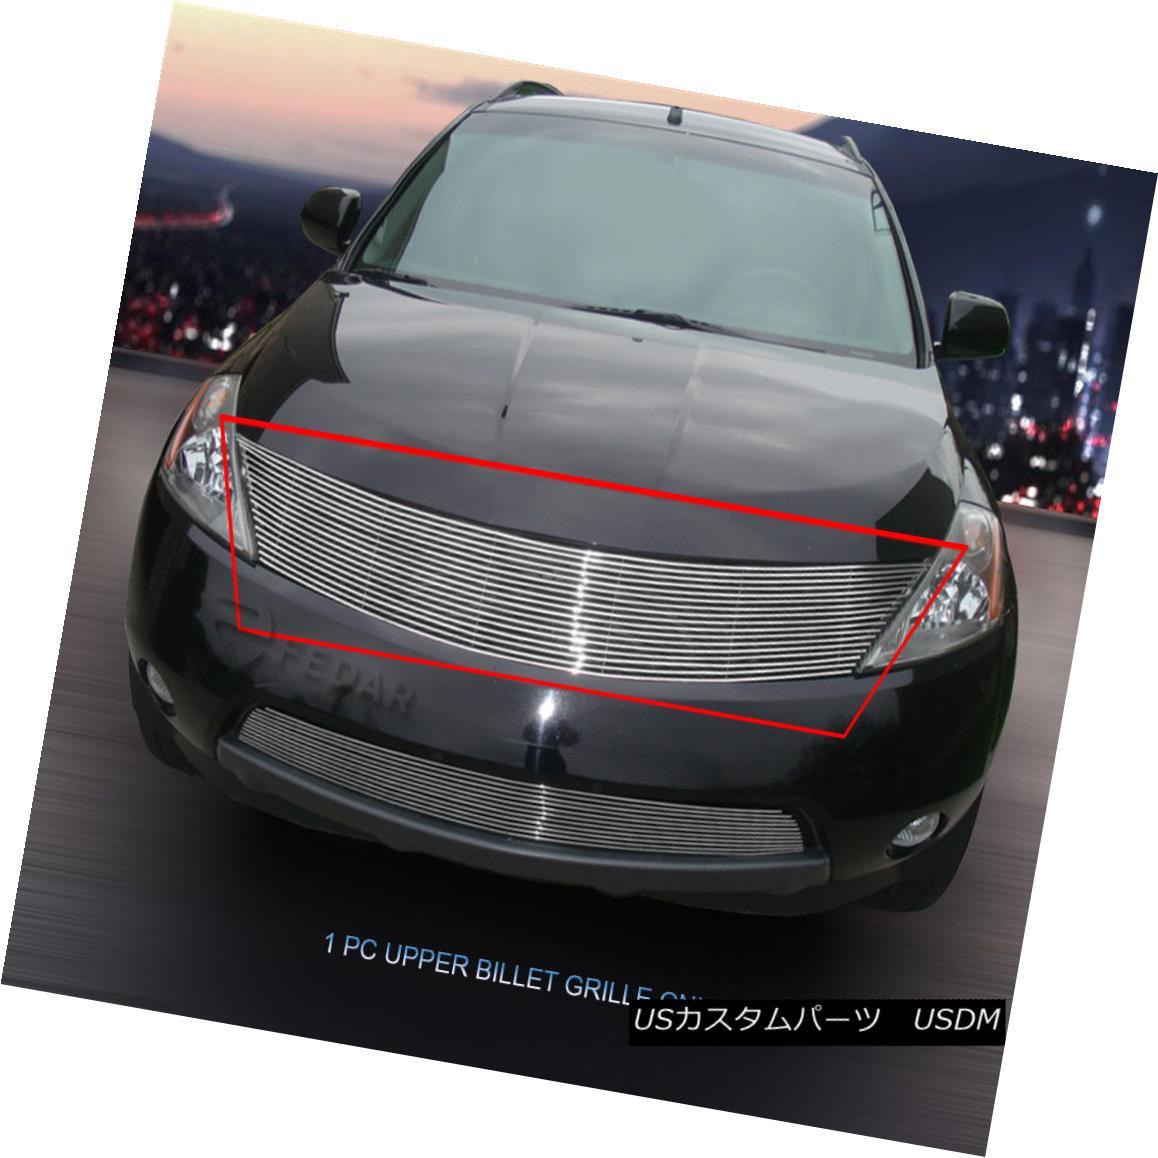 グリル Fedar Fits 2003-2008 Nissan Murano Polished Main Upper Billet Grille Fedar Fitting 2003-2008日産ムラーノ、メインアッパービレットグリル研磨